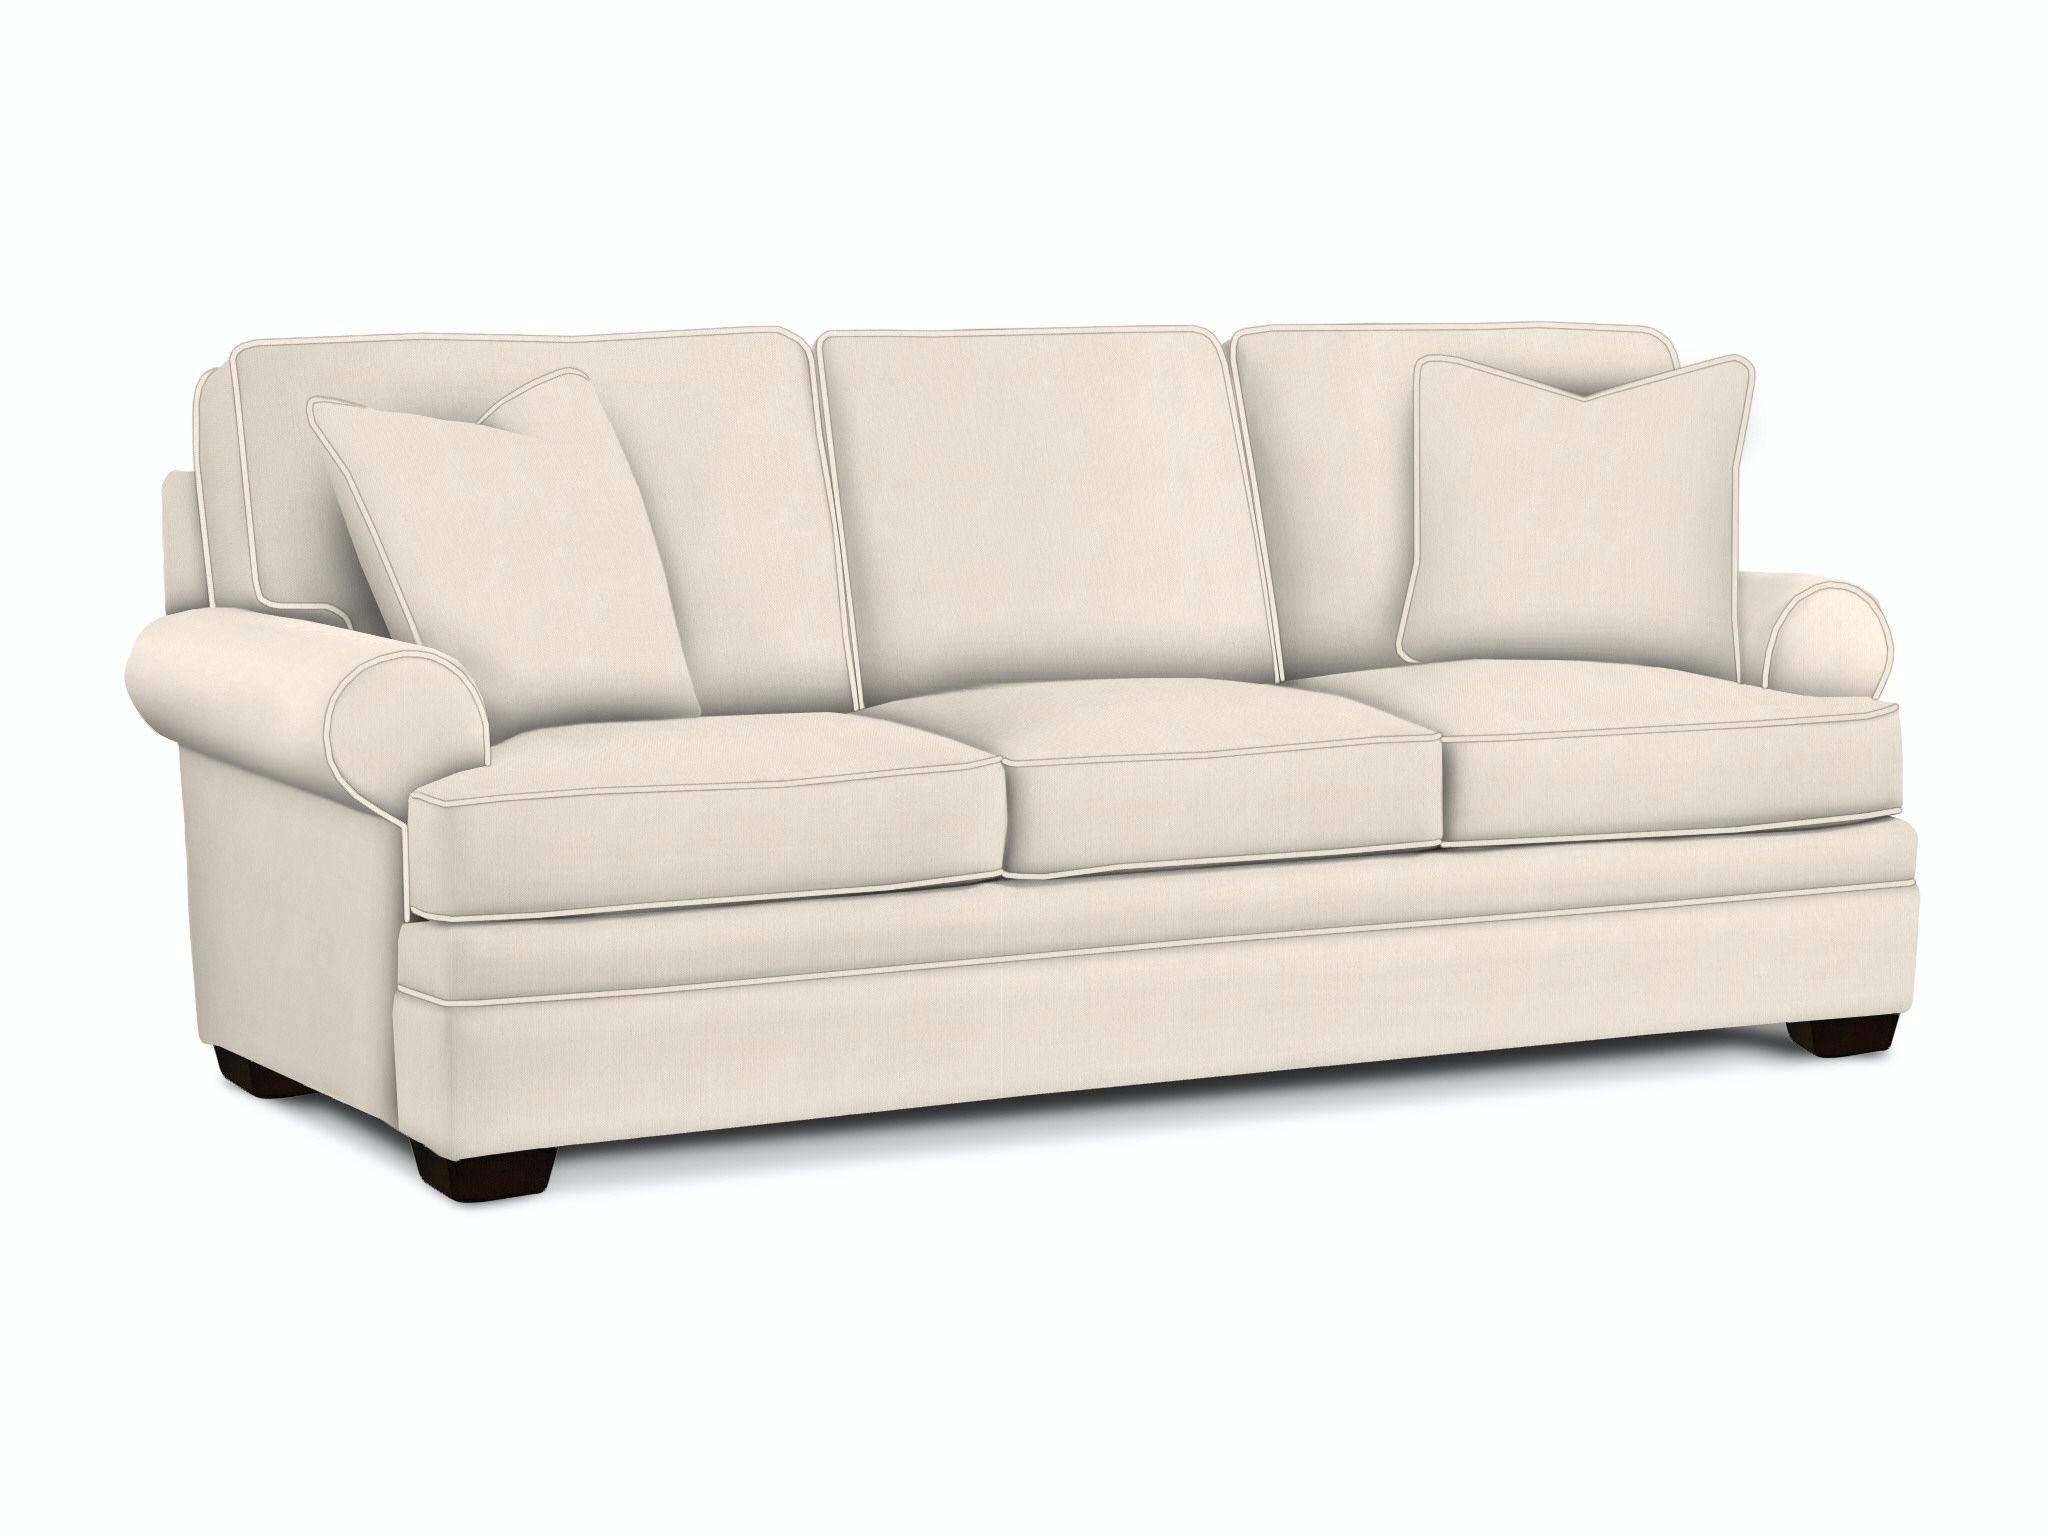 Sofas 6000-011